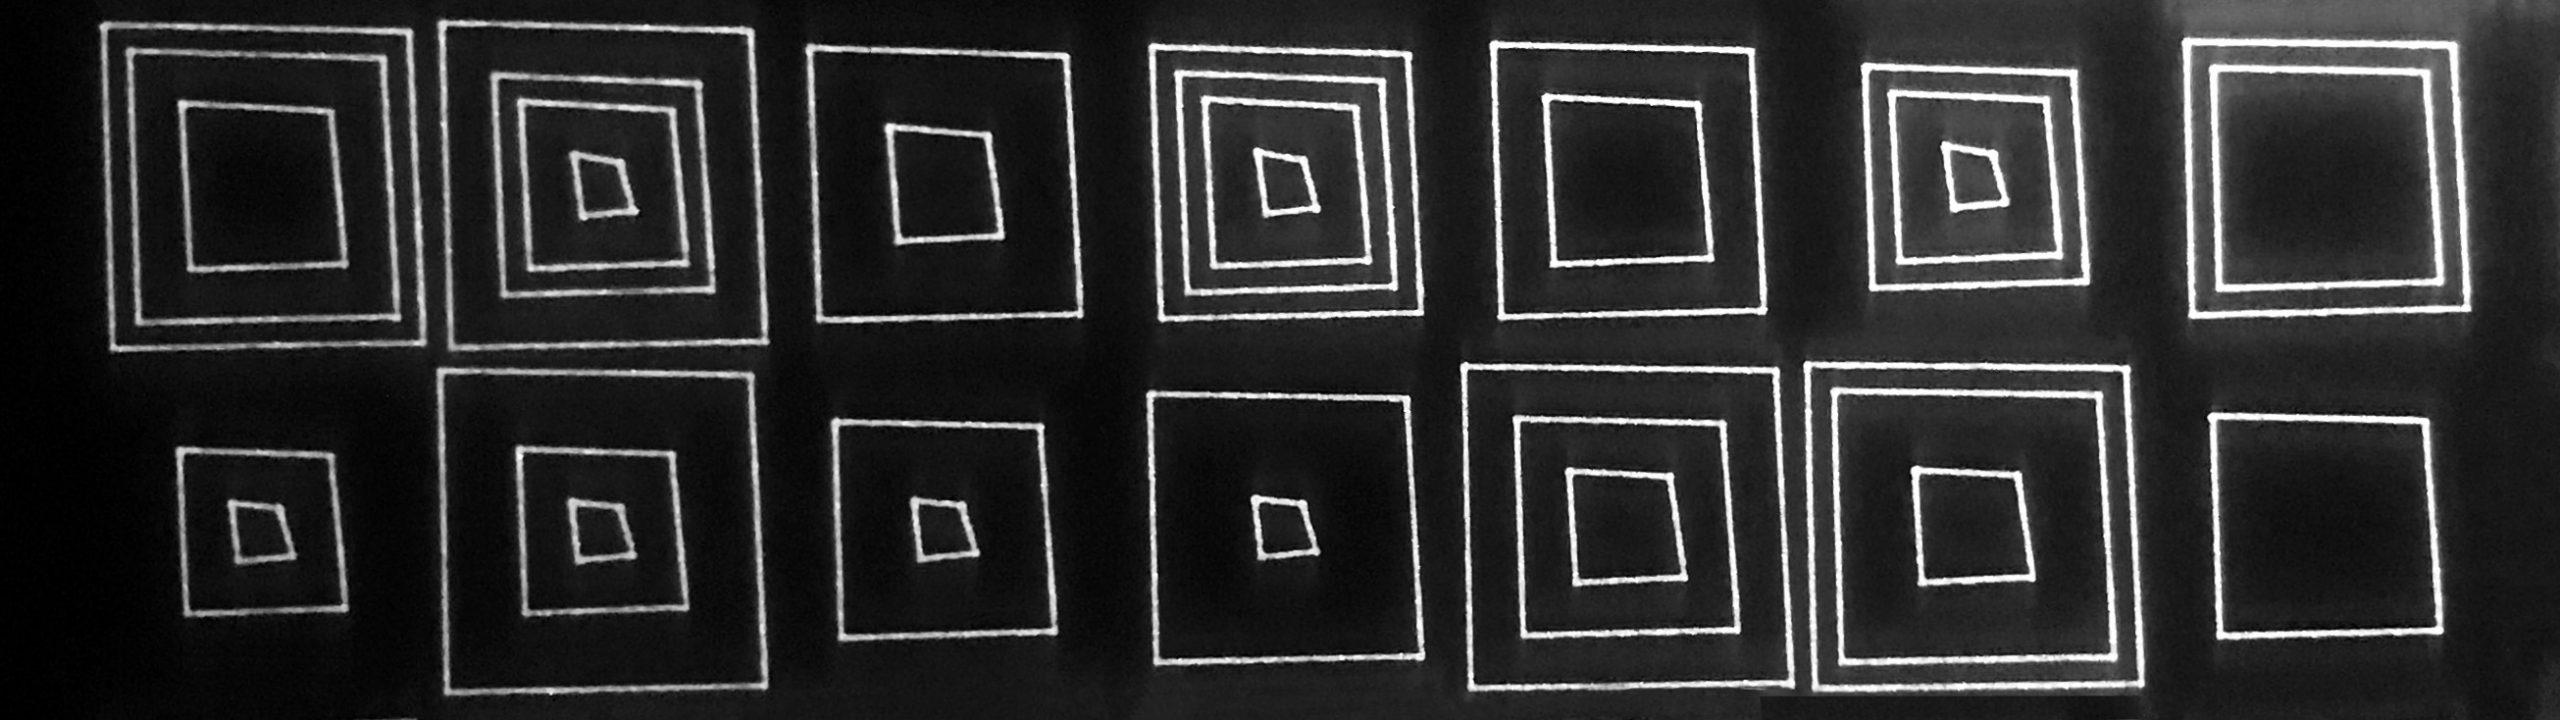 Noisy squares